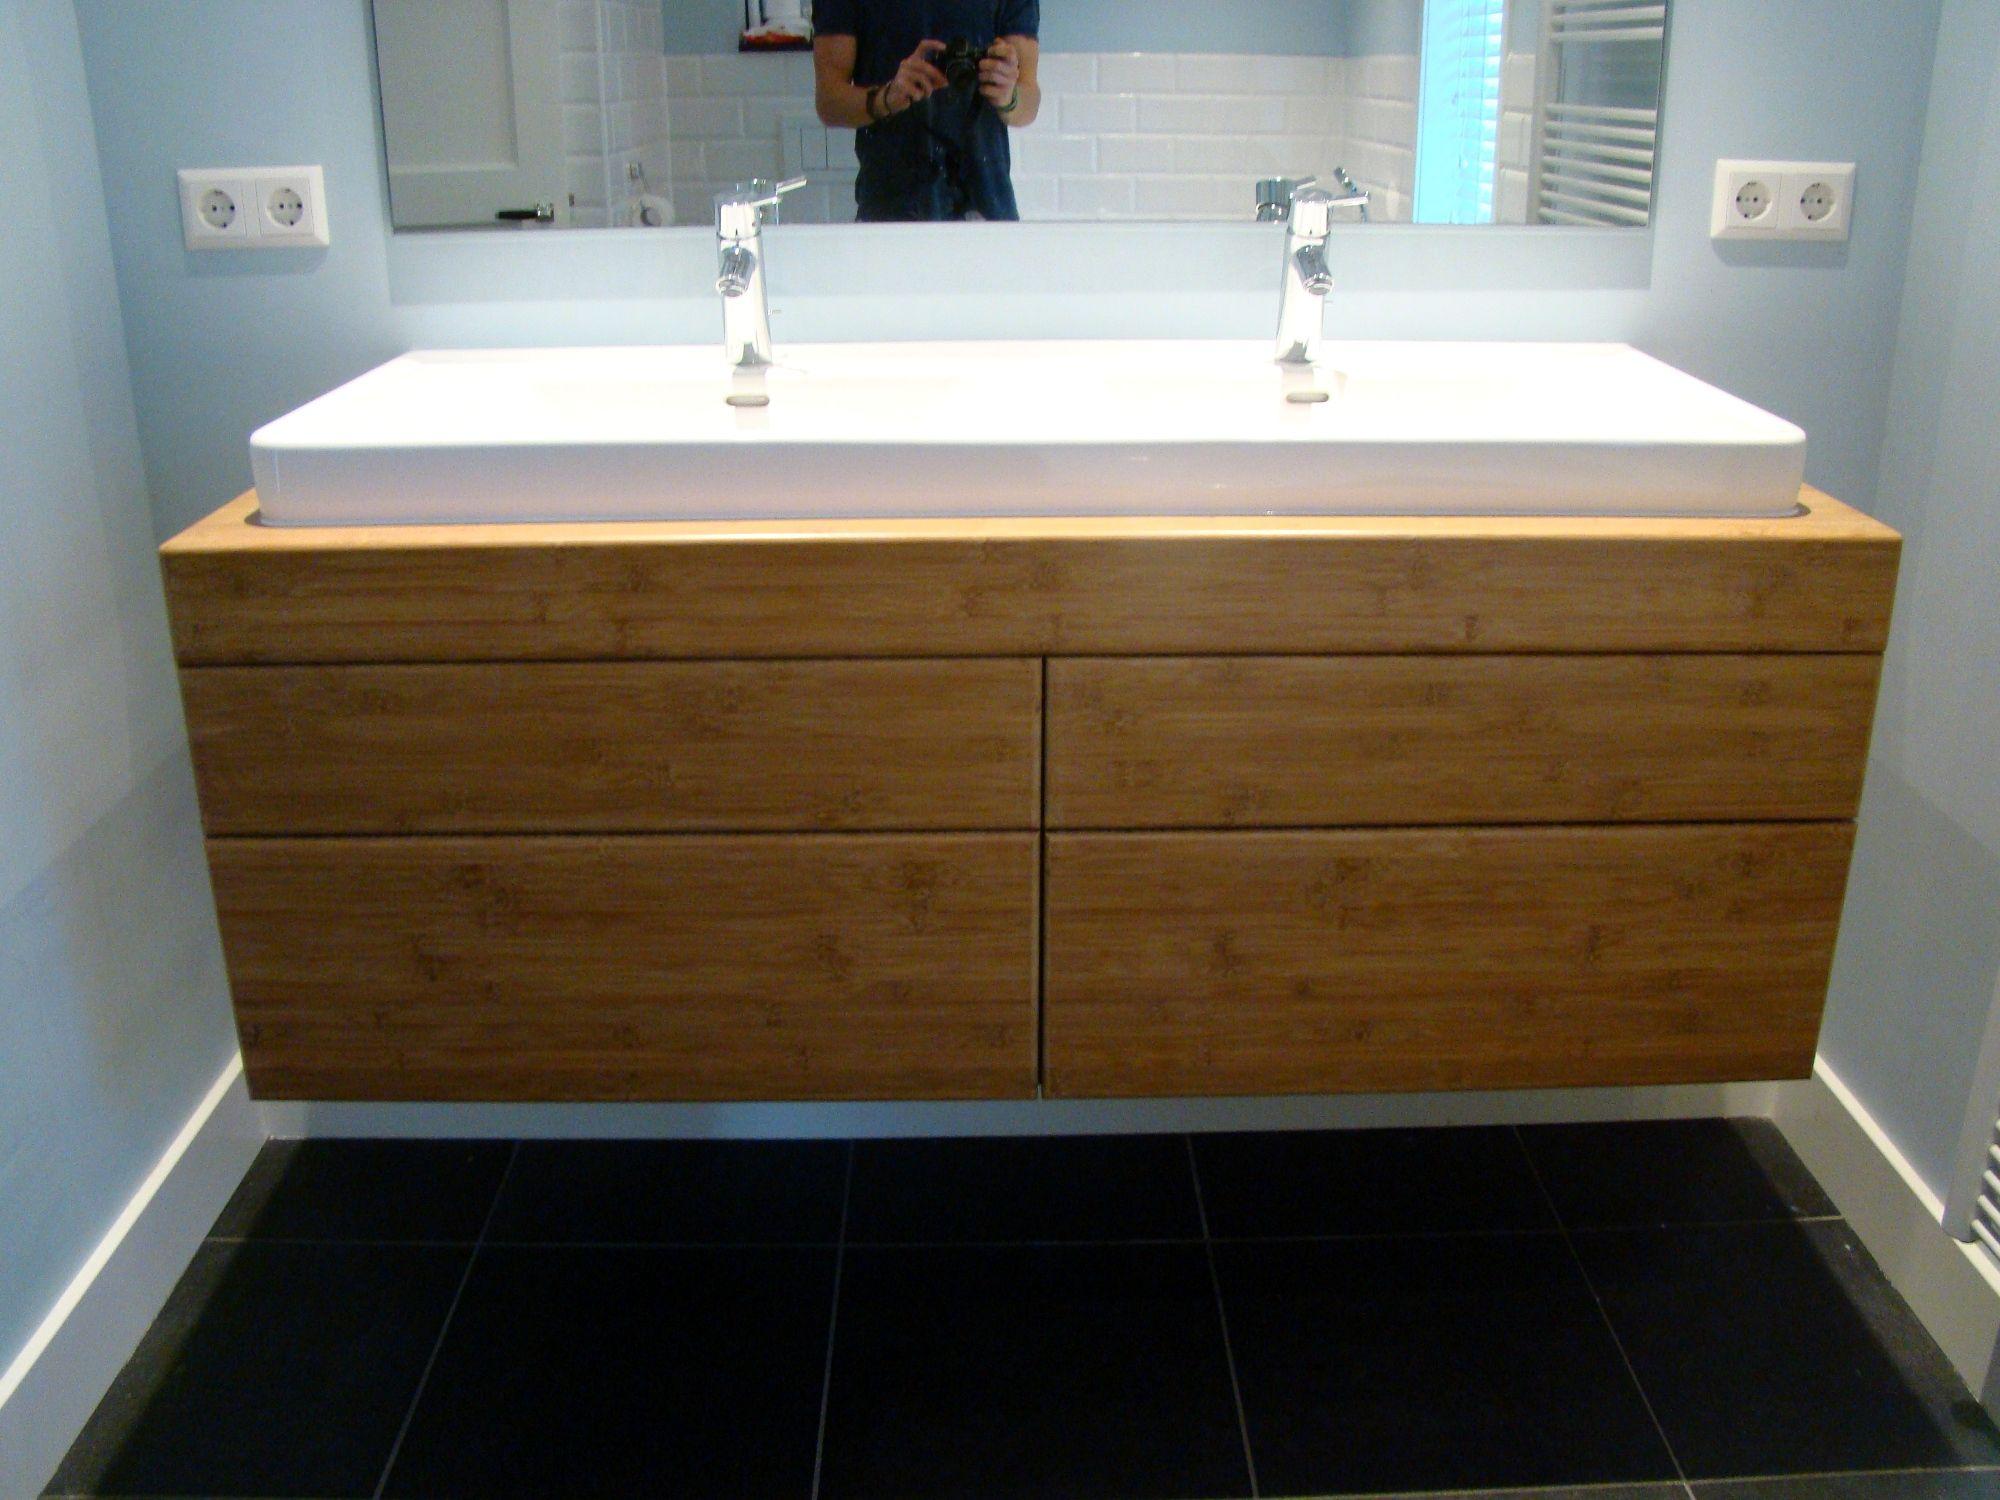 Badkamermeubel van bamboe - Renovatie ideeën badkamer | Pinterest ...